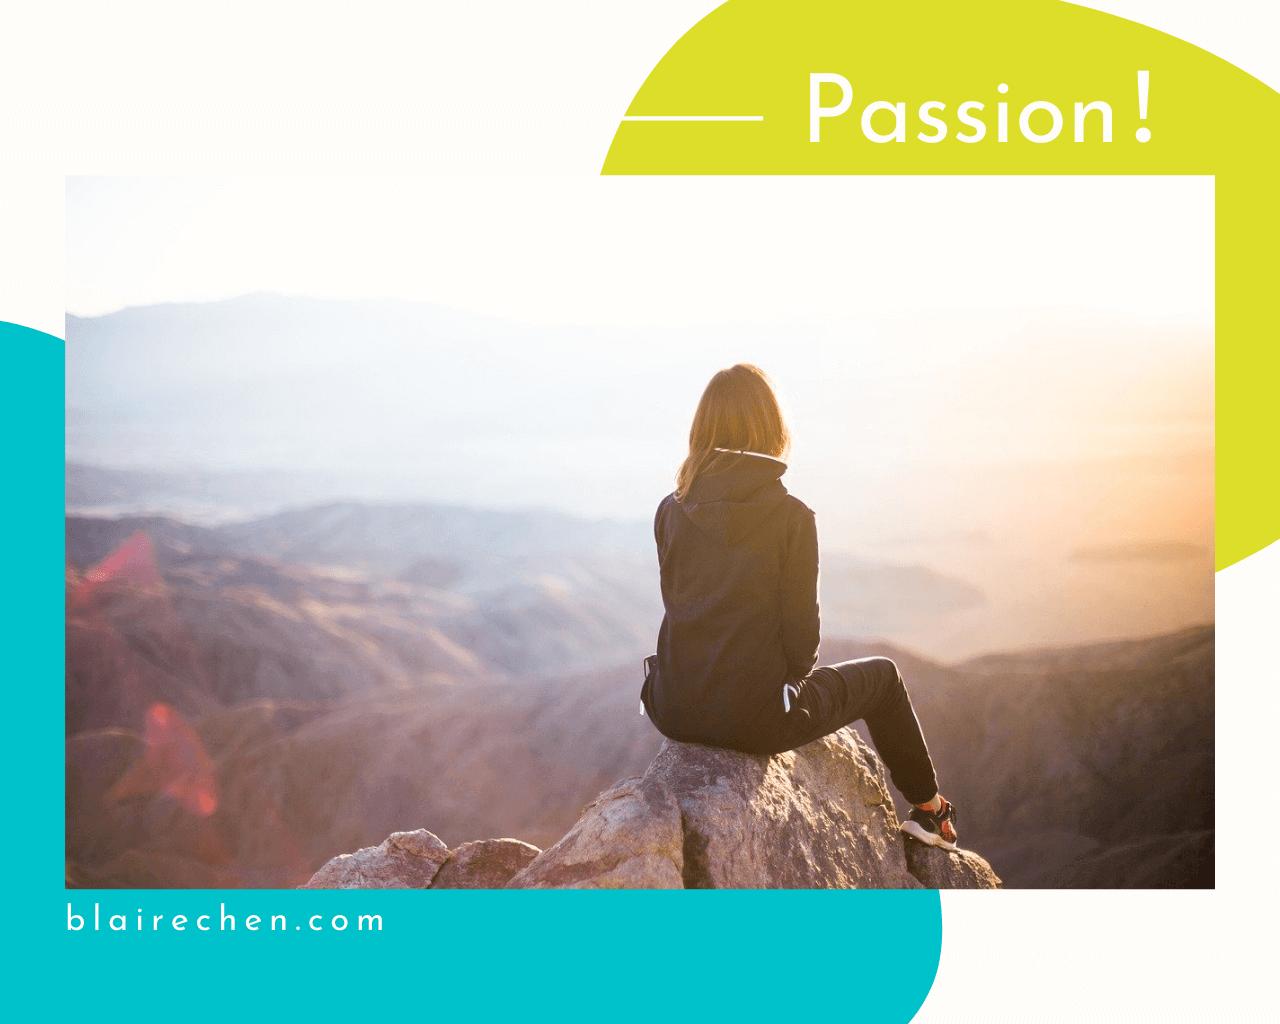 不知道熱情何在?刪去法、踏出舒適圈,5 個小方法讓你調整步伐、收斂方向!